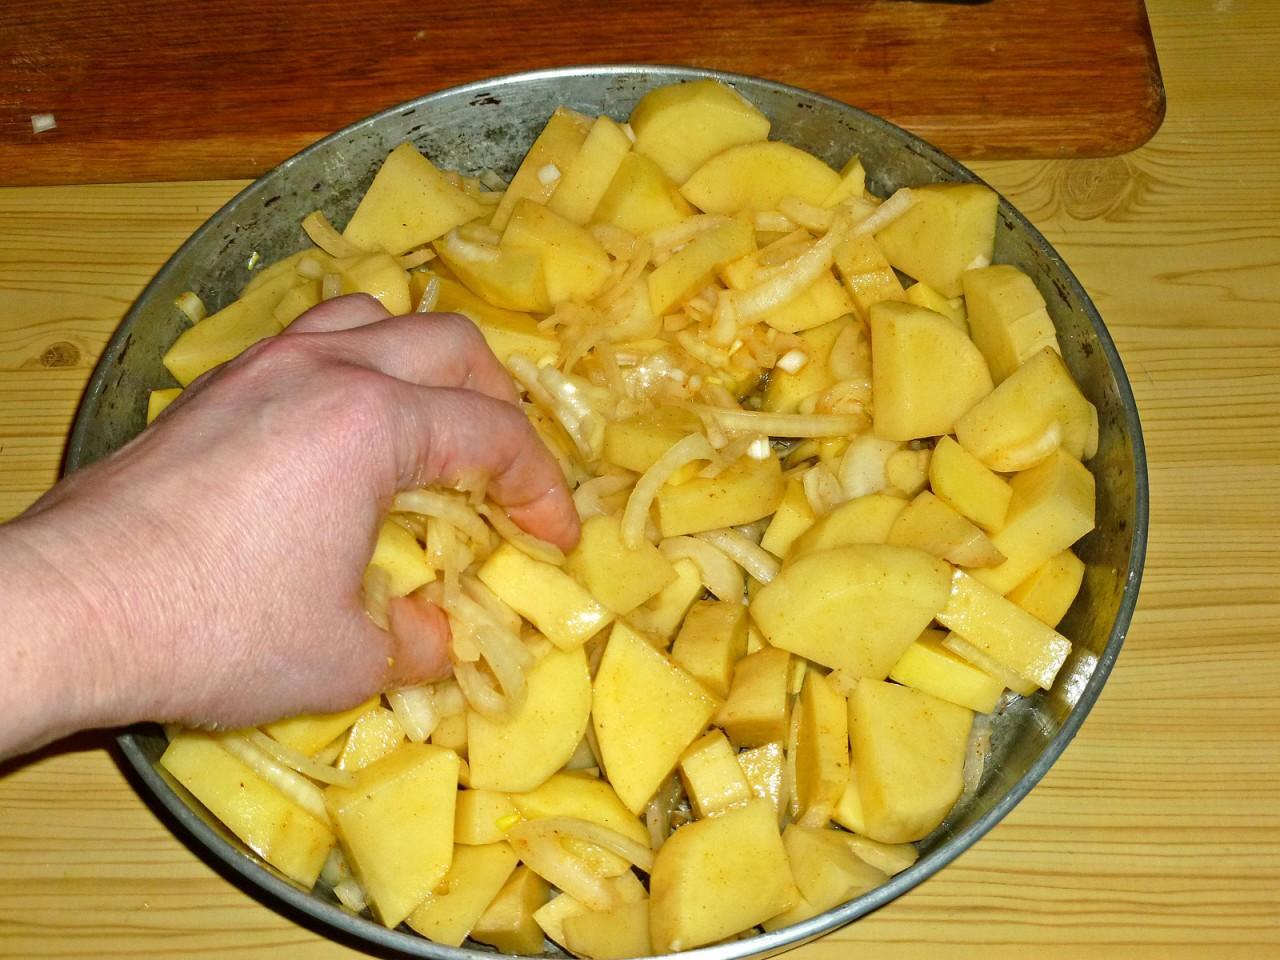 Картошка с луком и майонезом в духовке рецепт пошагово